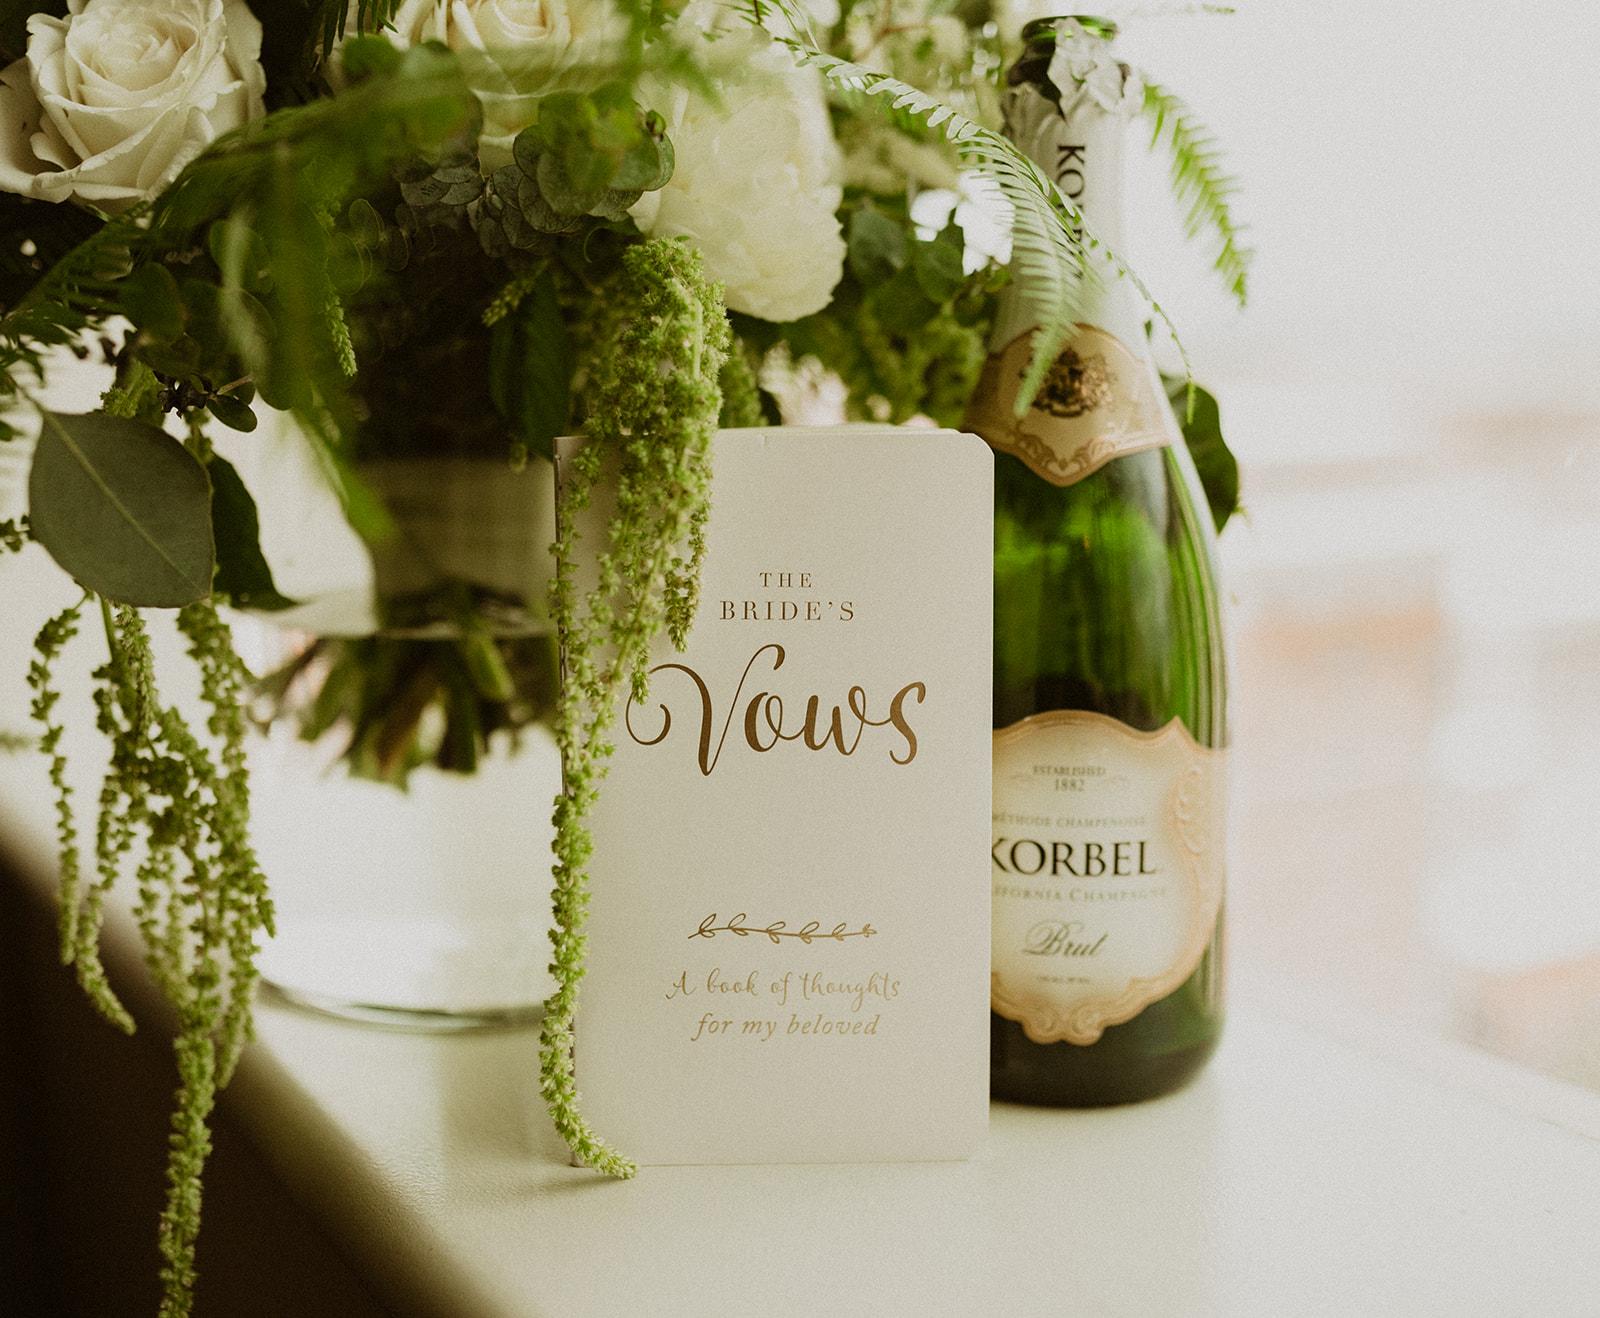 Chateau Rive Spokane Wedding Spokane Blog Dress vows